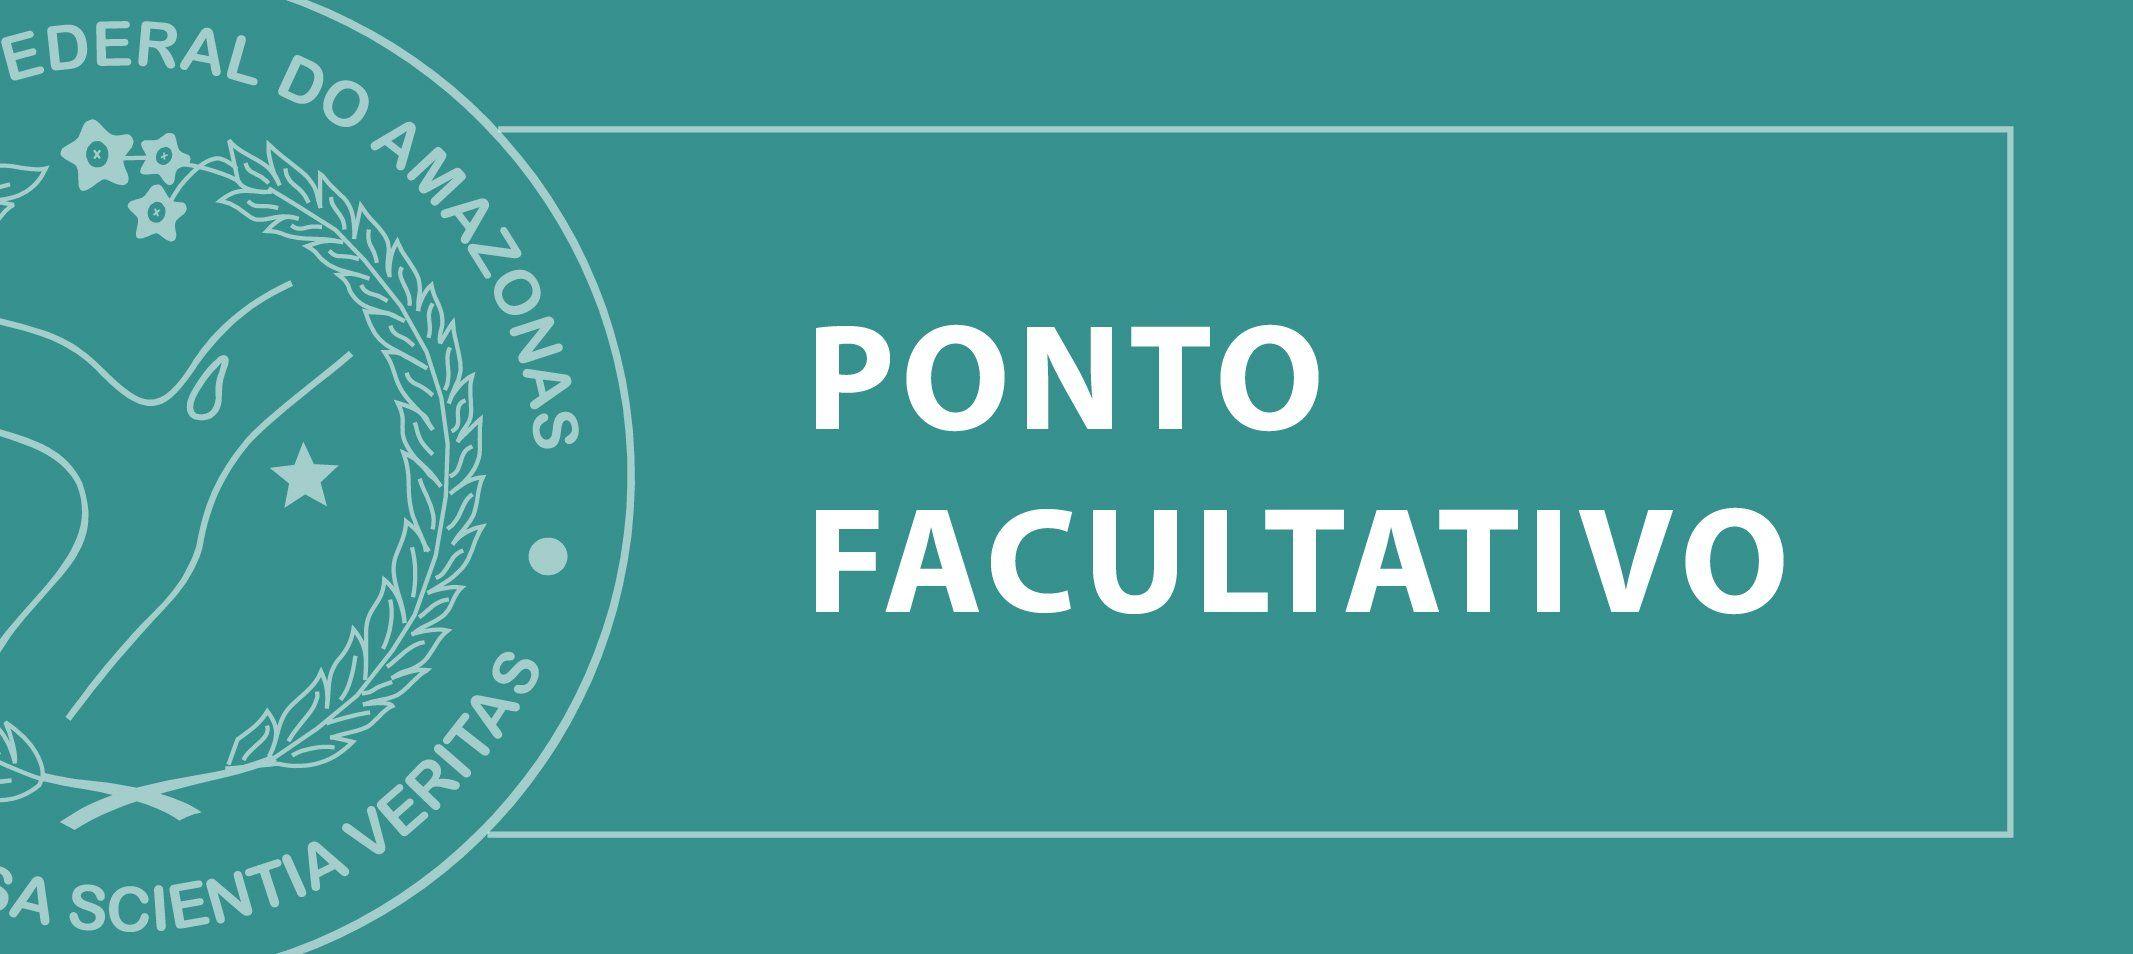 Ufam determina ponto facultativo no dia 25/10, somente em Manaus